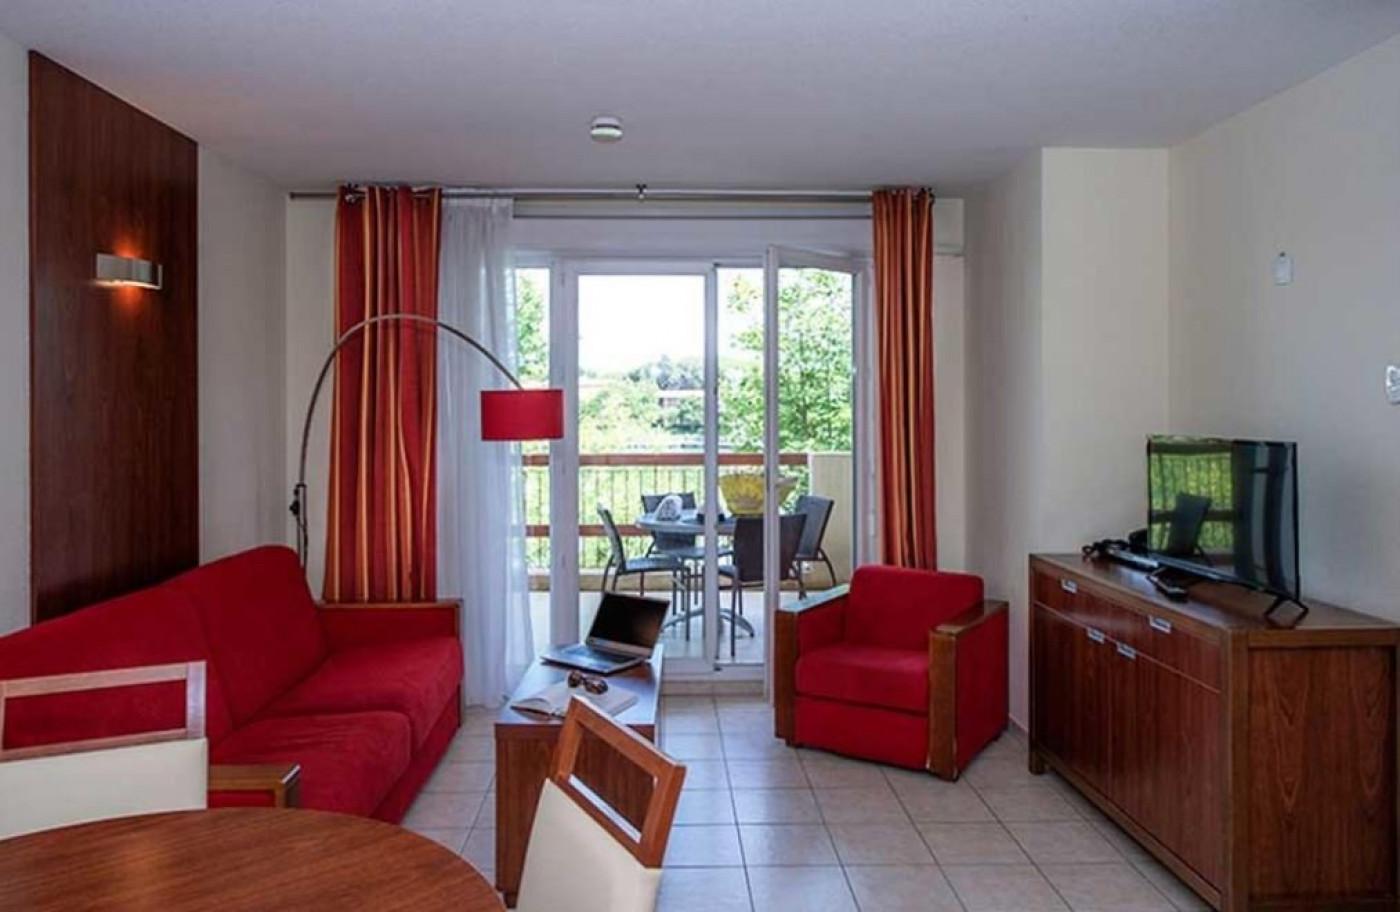 A vendre Mandelieu La Napoule 7501182797 Sextant france